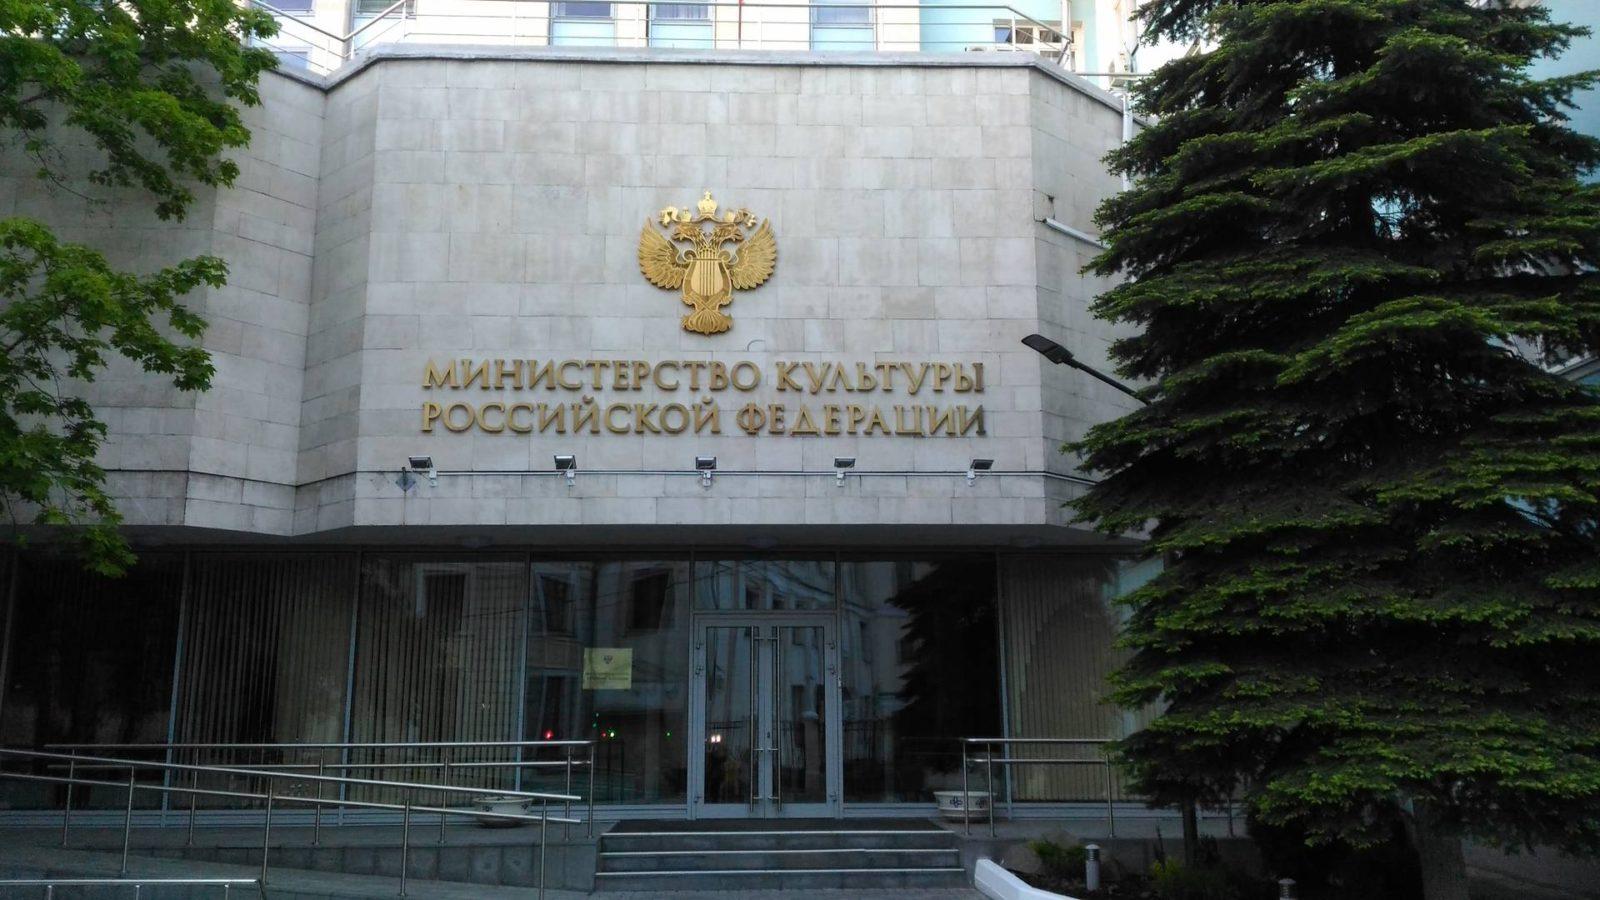 Обновлен состав Общественного совета при Министерстве культуры РФ